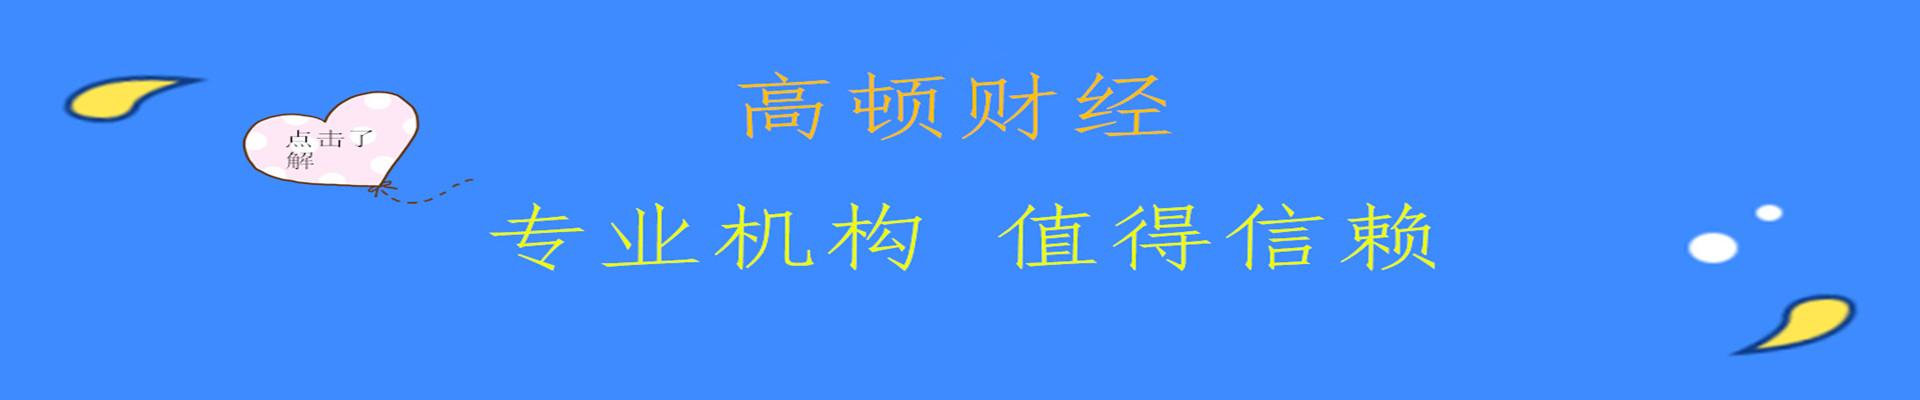 成都温江区高顿财经教育学校